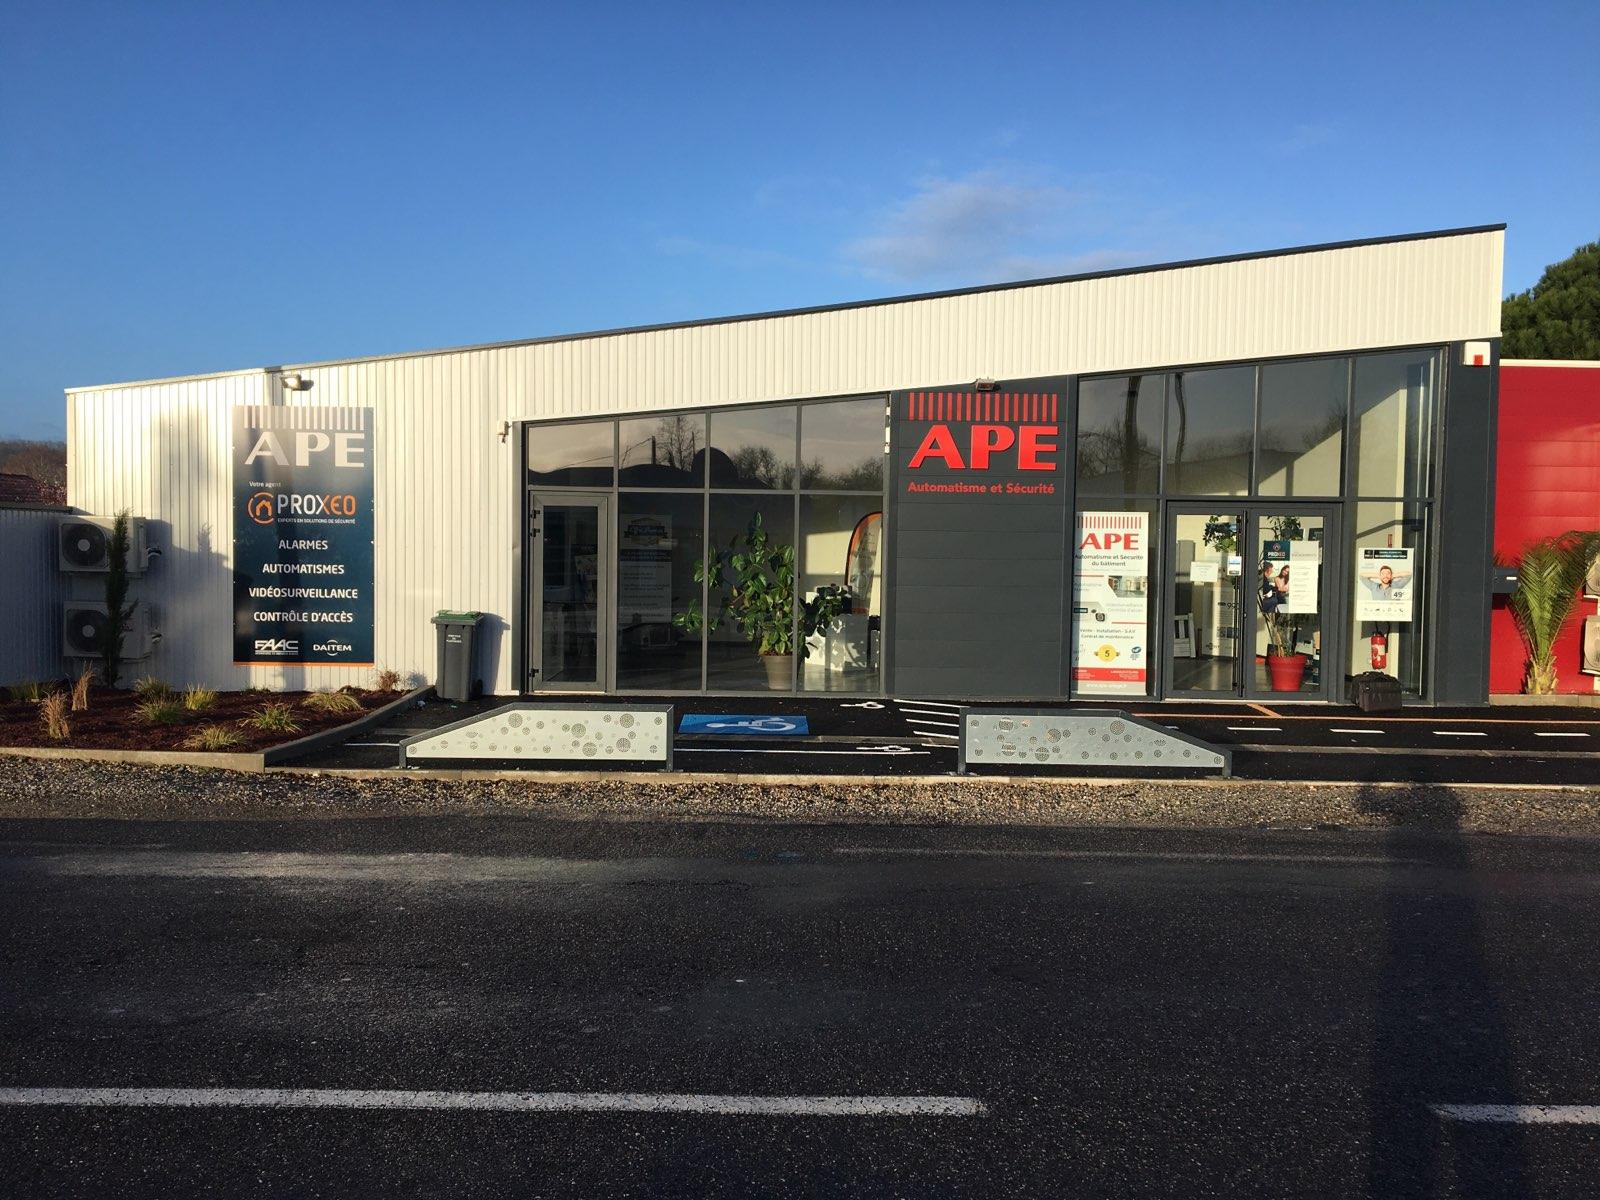 APE boutique Saint Jean du Falga Dept 09